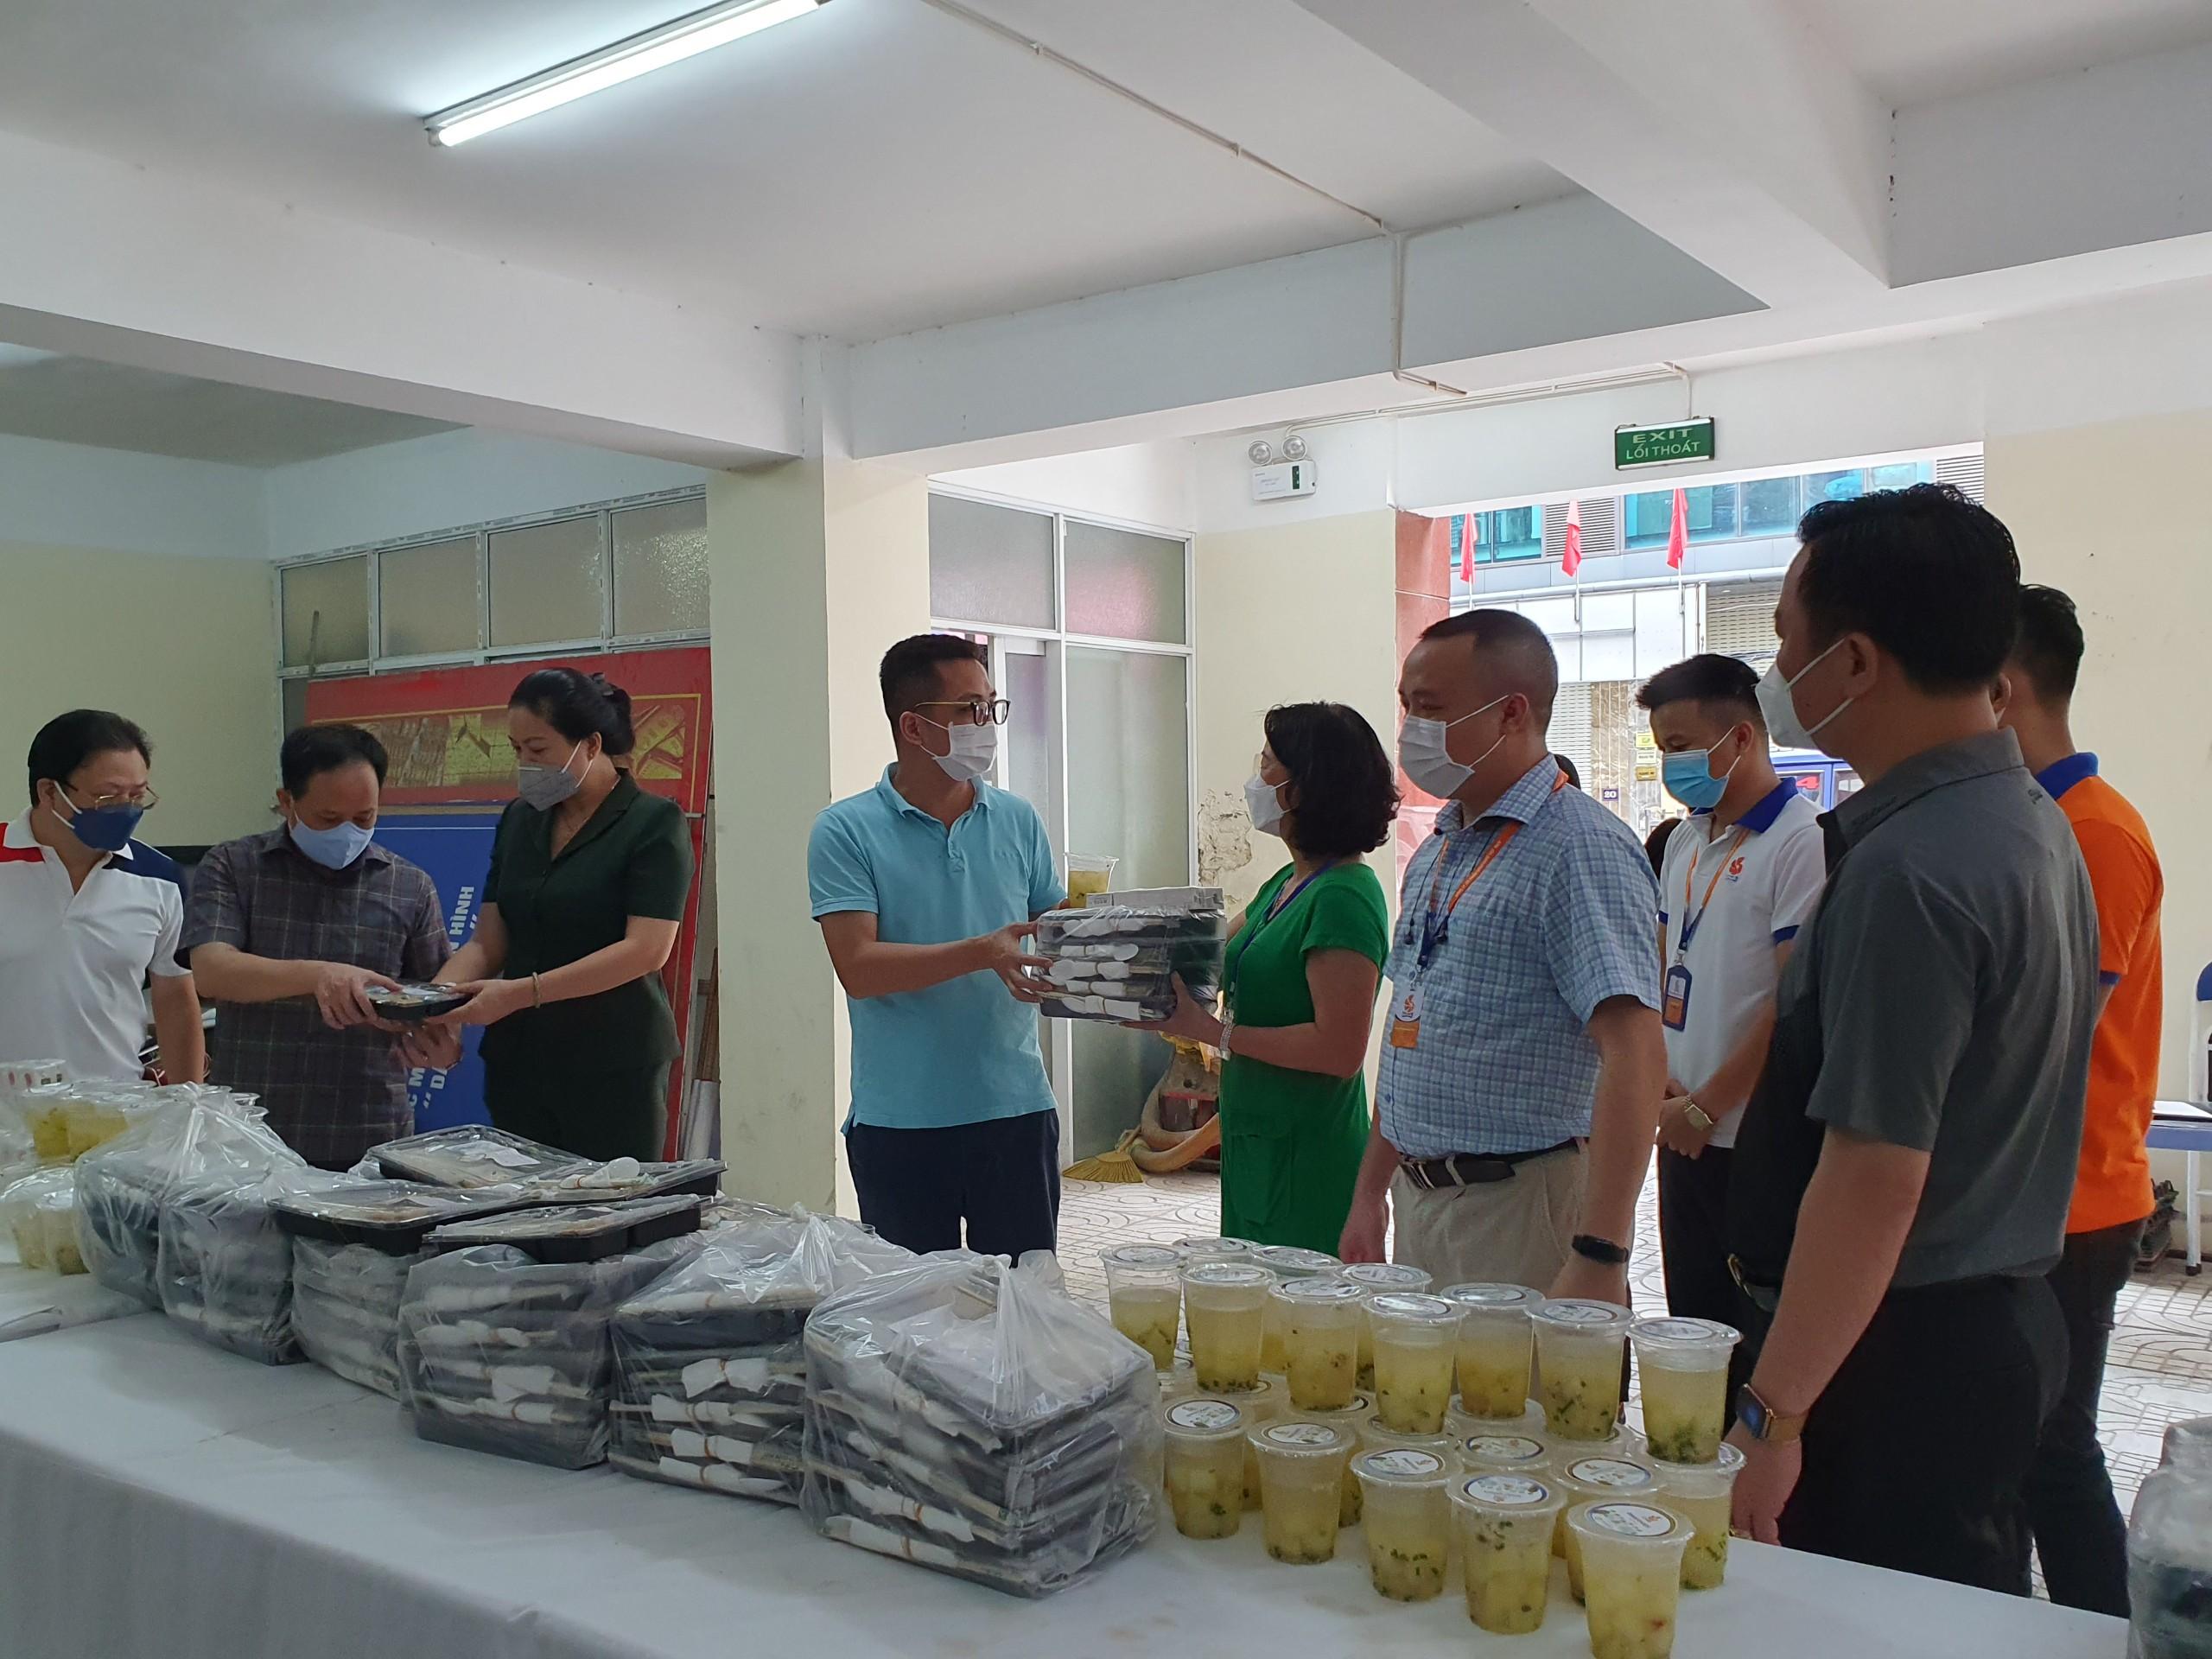 Khoảng hơn 11h, những suất ăn đã được tập trung tại Trung tâm Bồi dưỡng Chính trị quận Hai Bà Trưng, nơi tập kết các suất ăn 0 đồng.